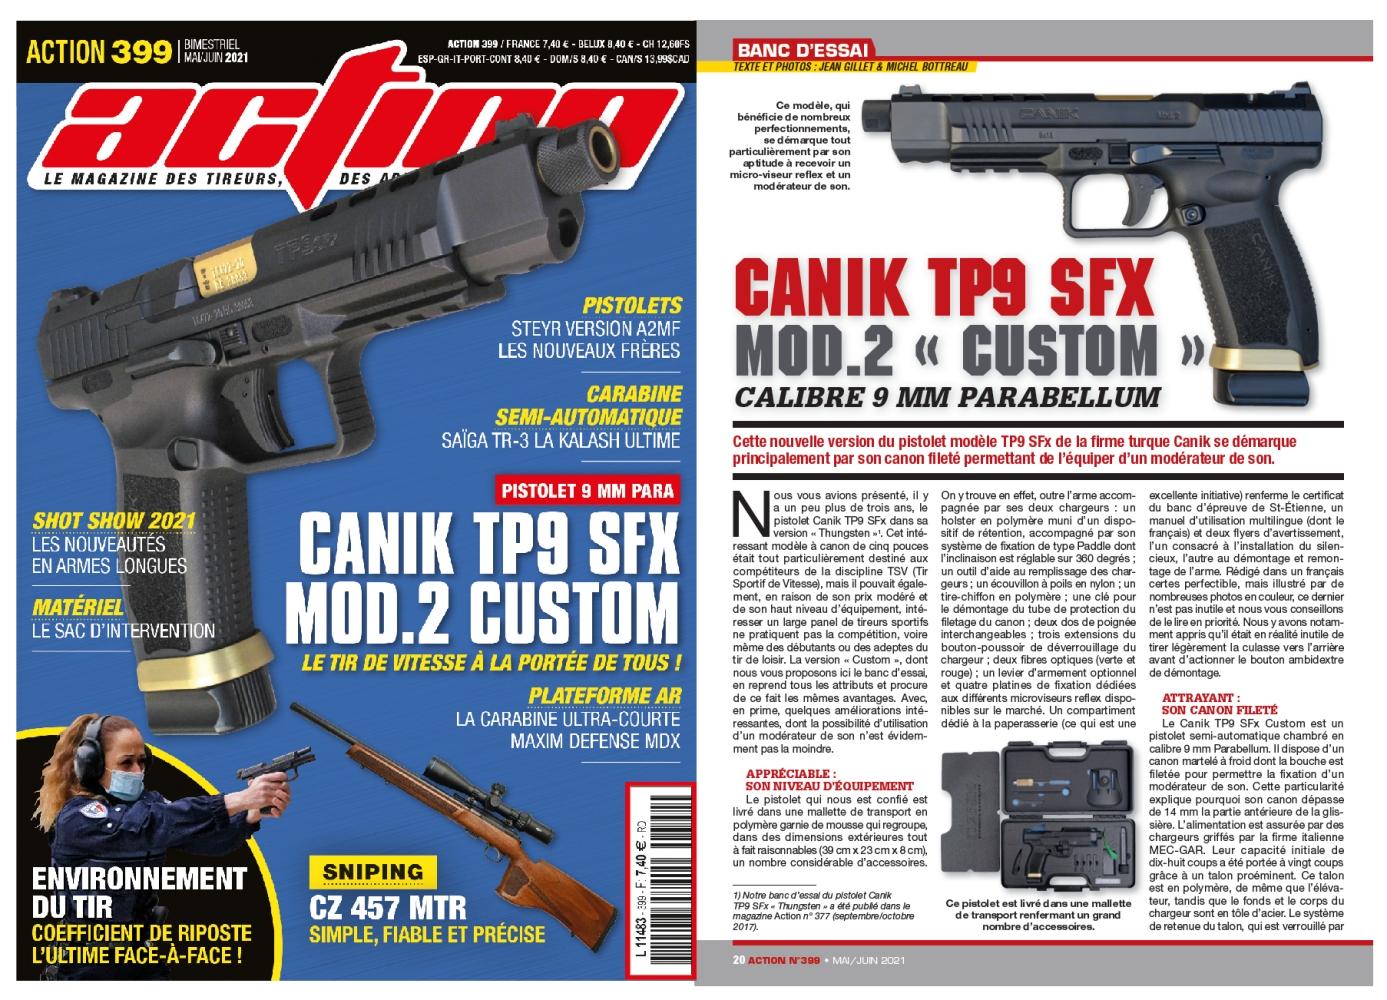 Le banc d'essai du pistolet Canik TP9 SFX Custom a été publié sur 6 pages dans le magazine Action n°399 (mai-juin 2021).